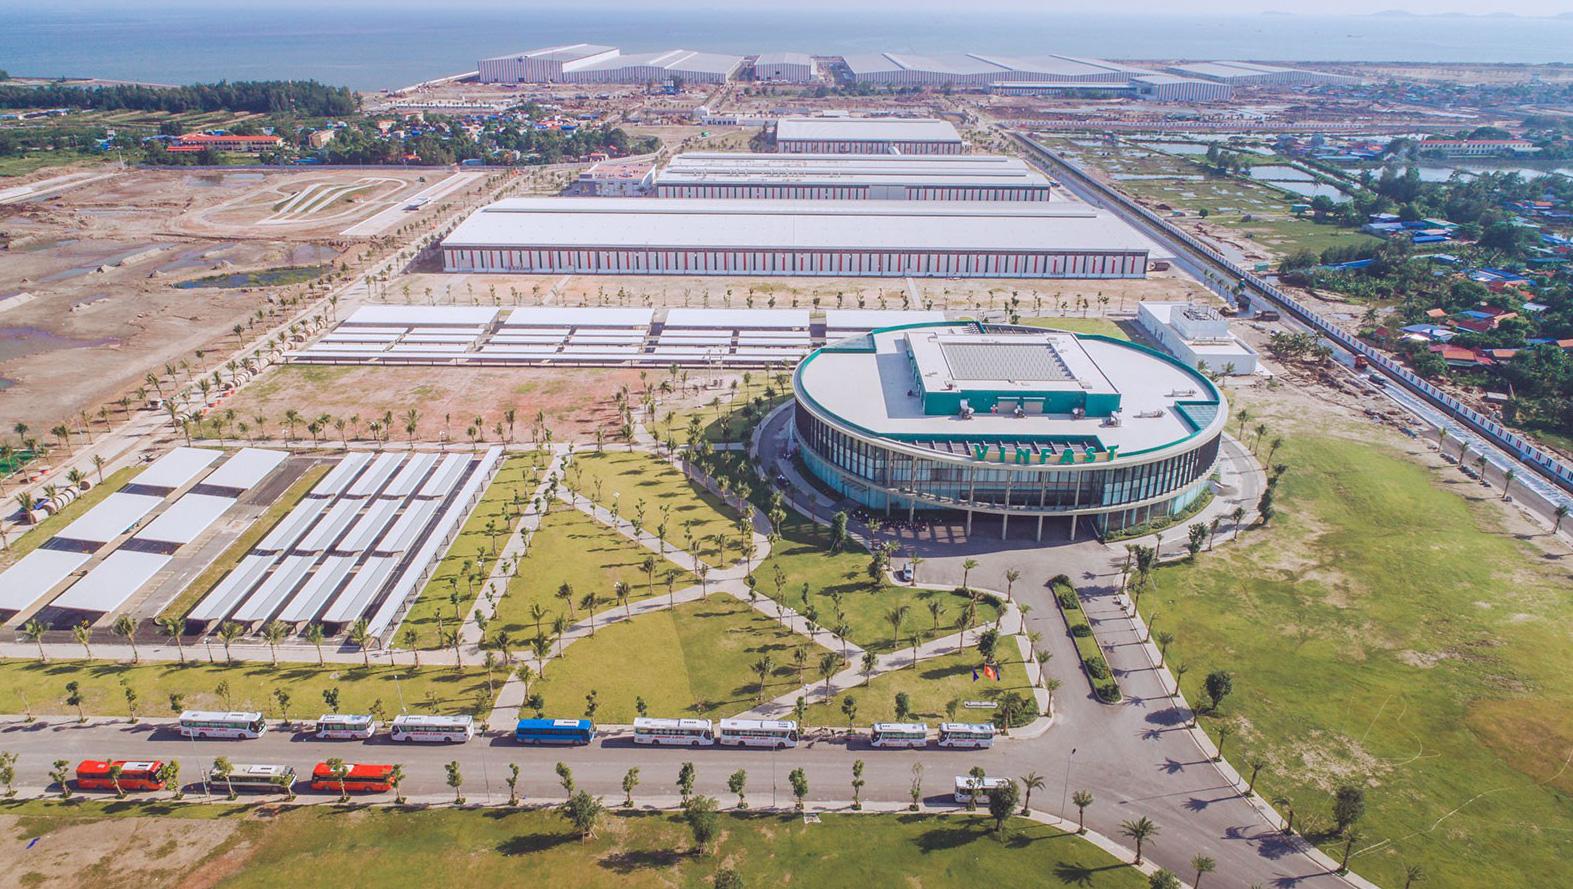 Bất động sản Khu công nghiệp Vinhomes - Động lực tăng trưởng mới của Vingroup